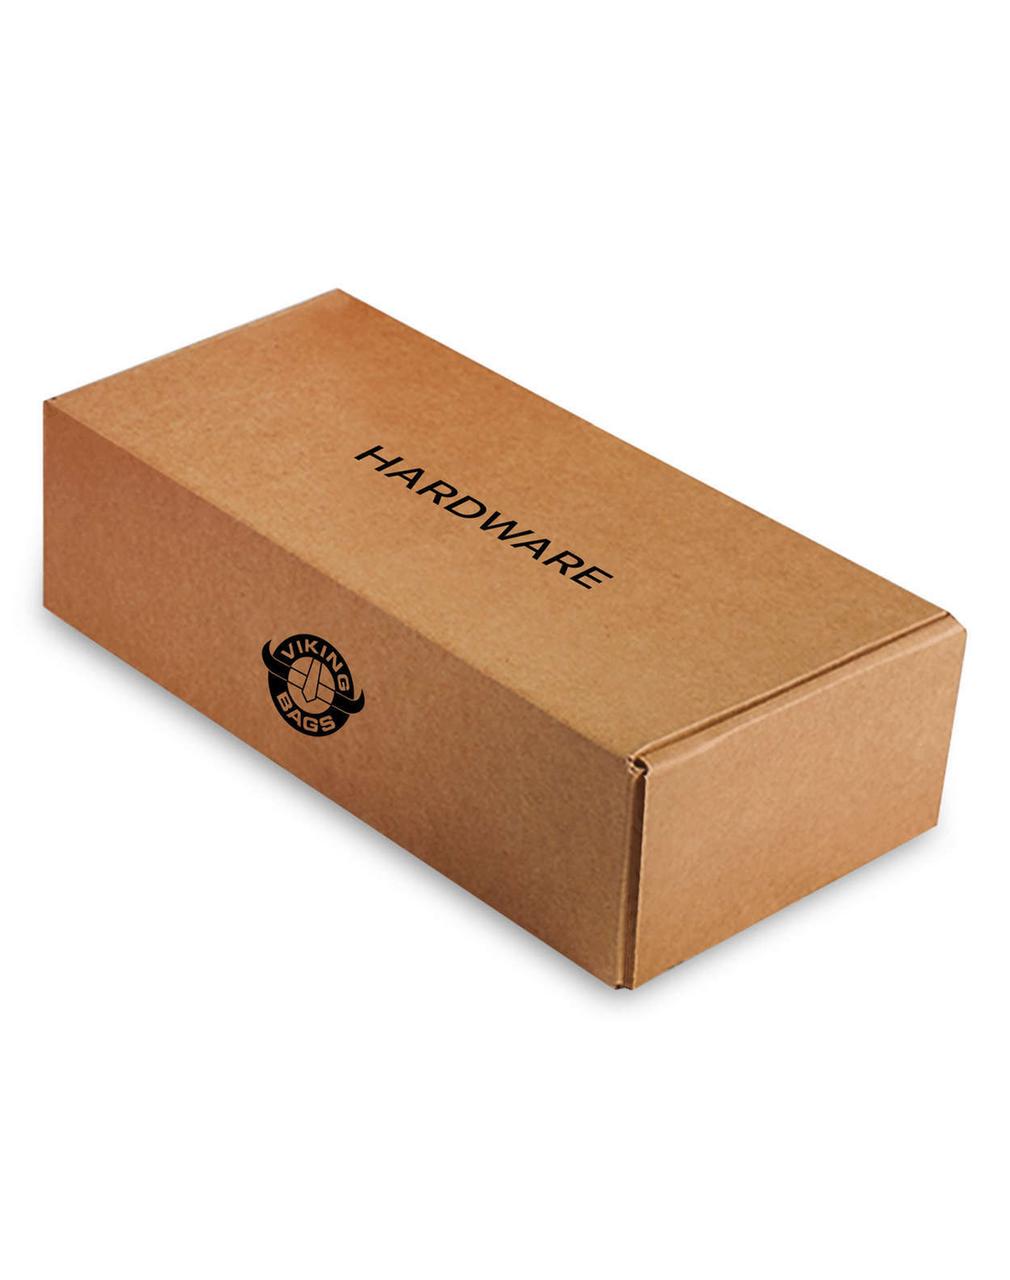 Triumph Thunderbird Viking Side Pocket Large Motorcycle Saddlebags Box